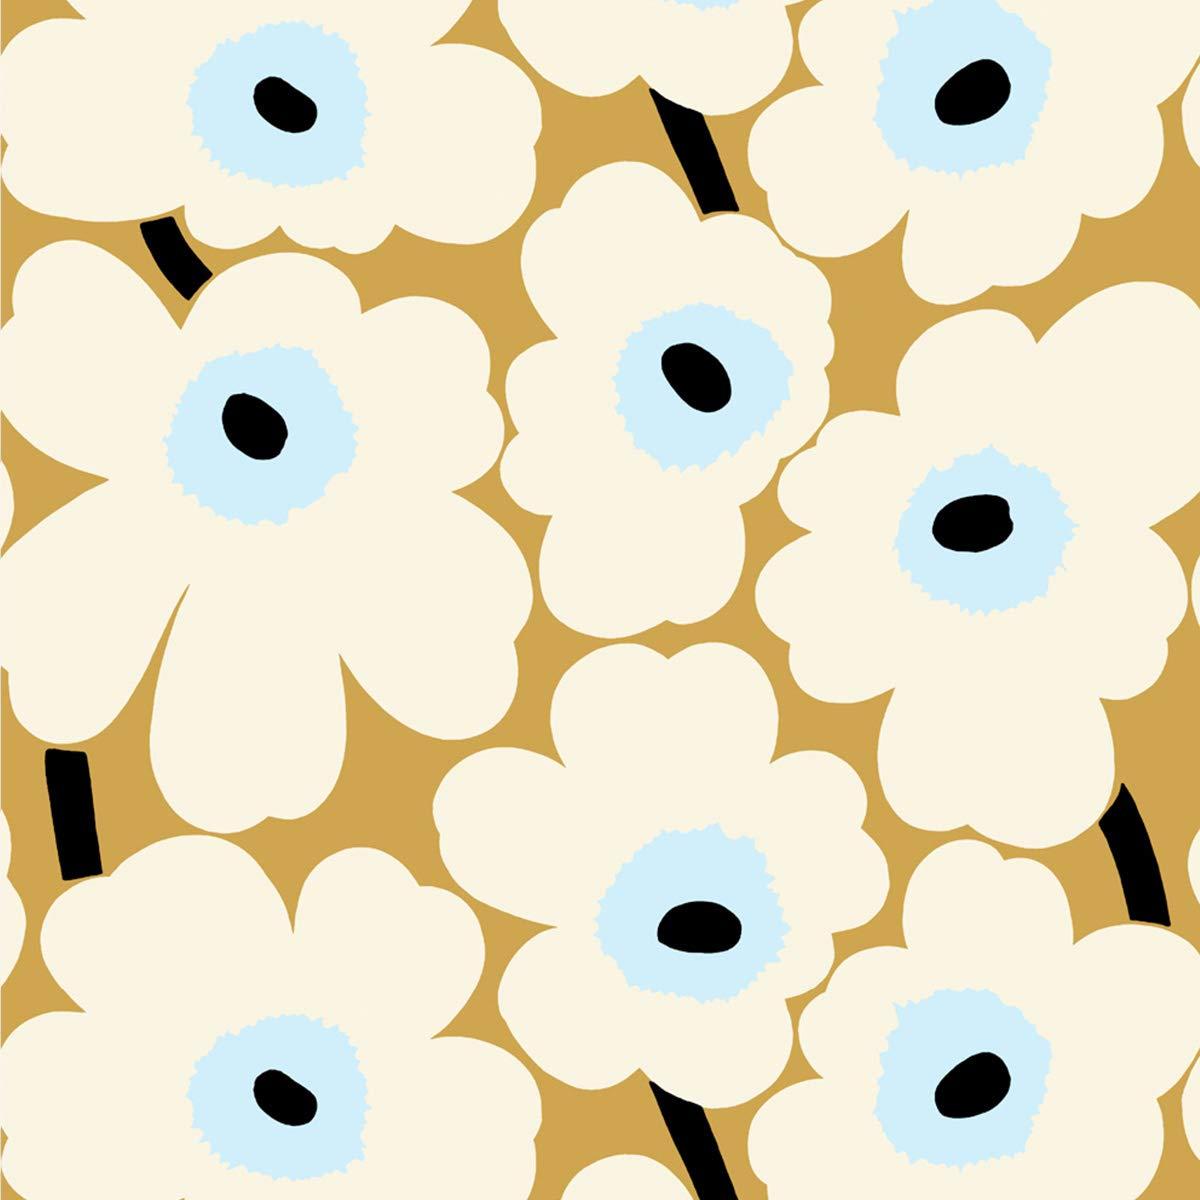 マリメッコ Marimekko 壁紙 23352 ウニッコ 幅70cm オフホワイト 1m